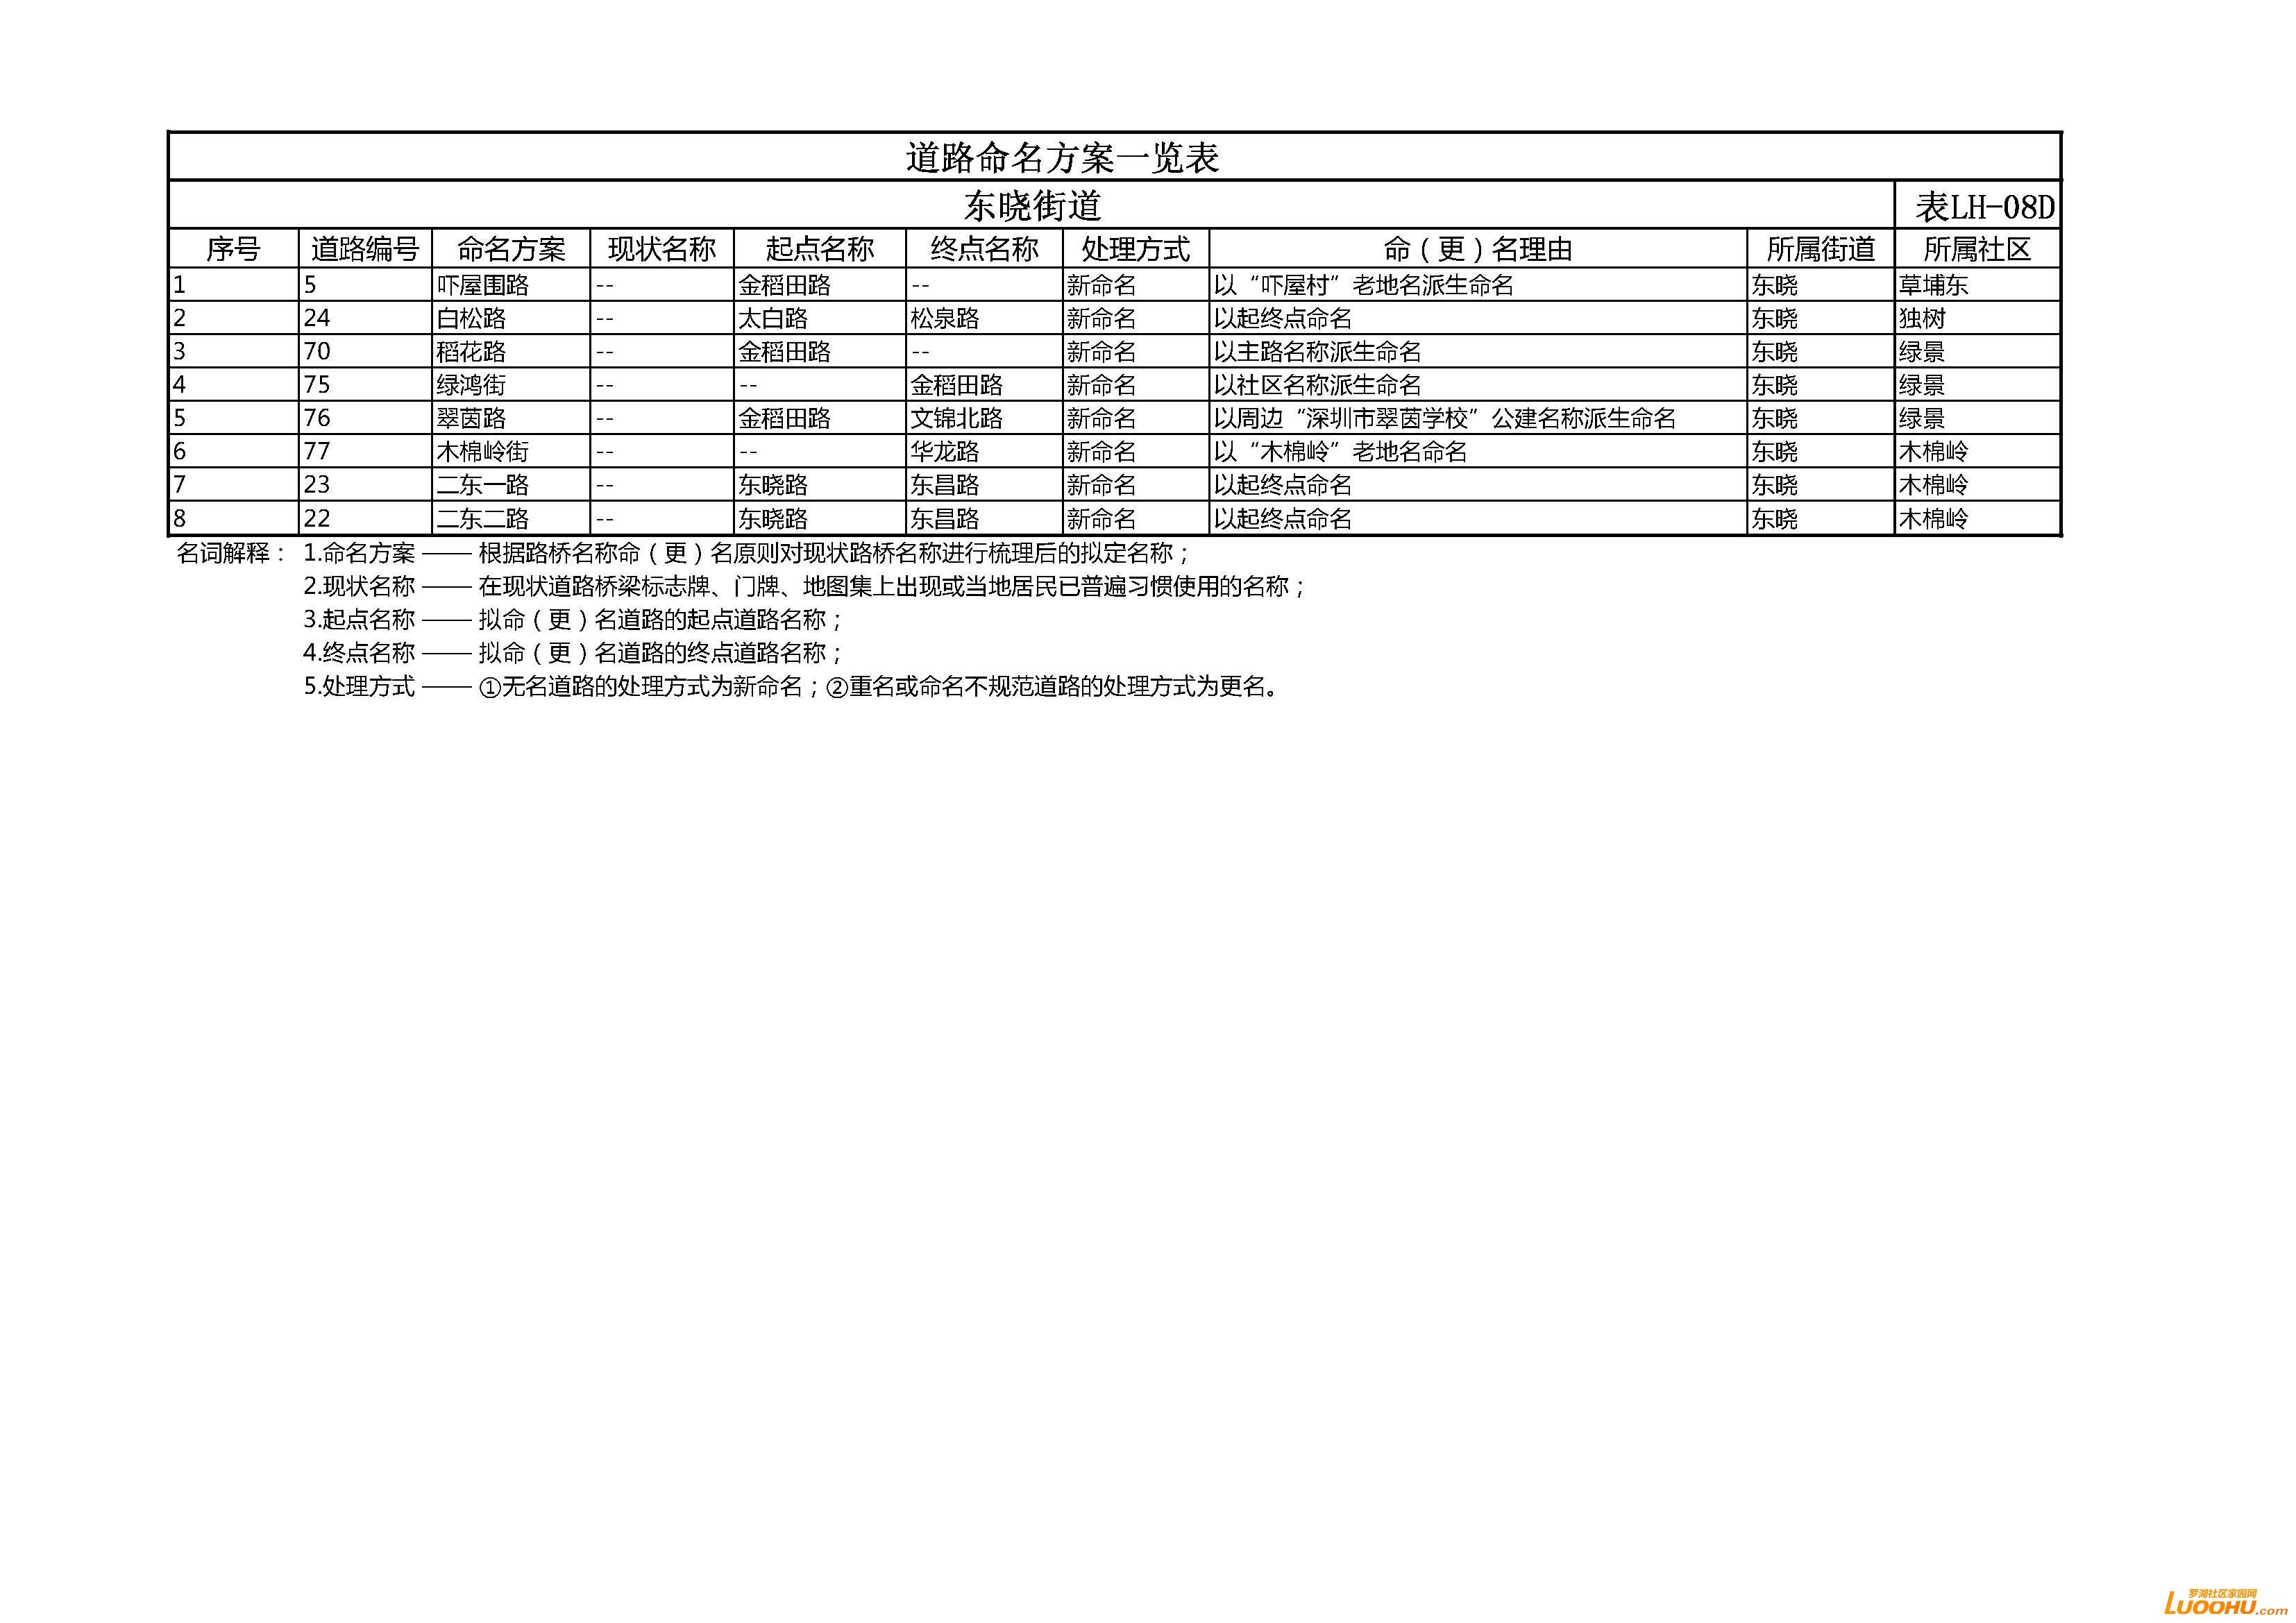 表LH-08D.jpg